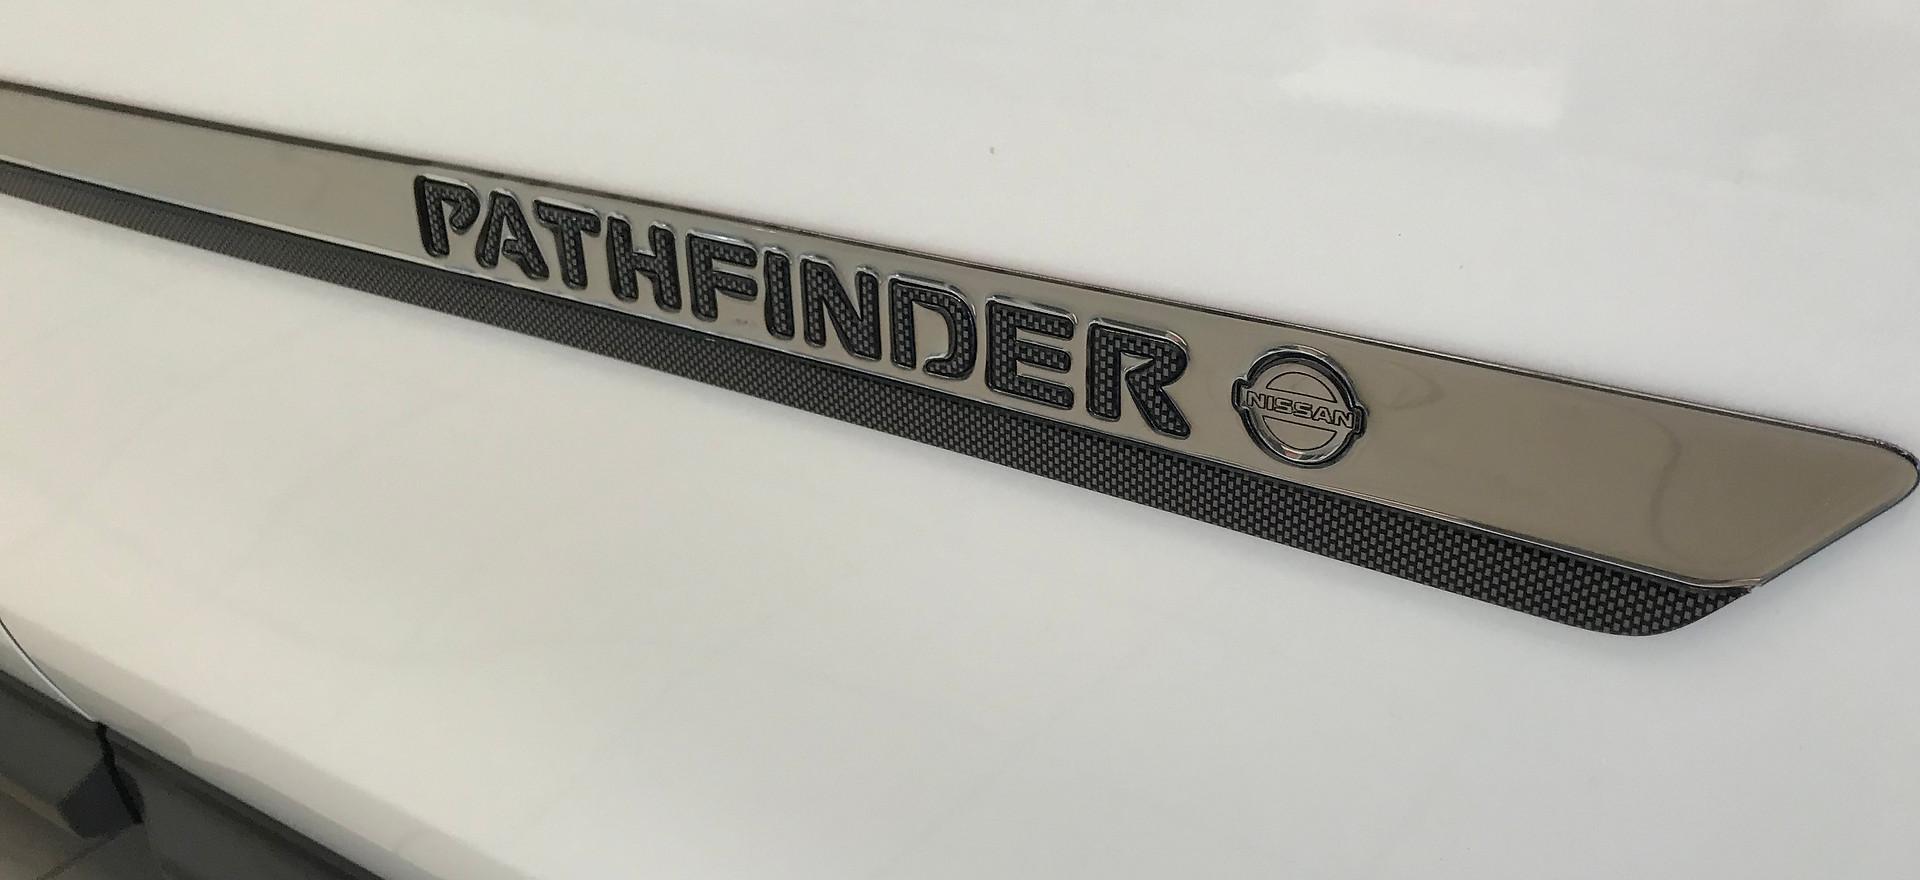 Moulure de Pathfinder